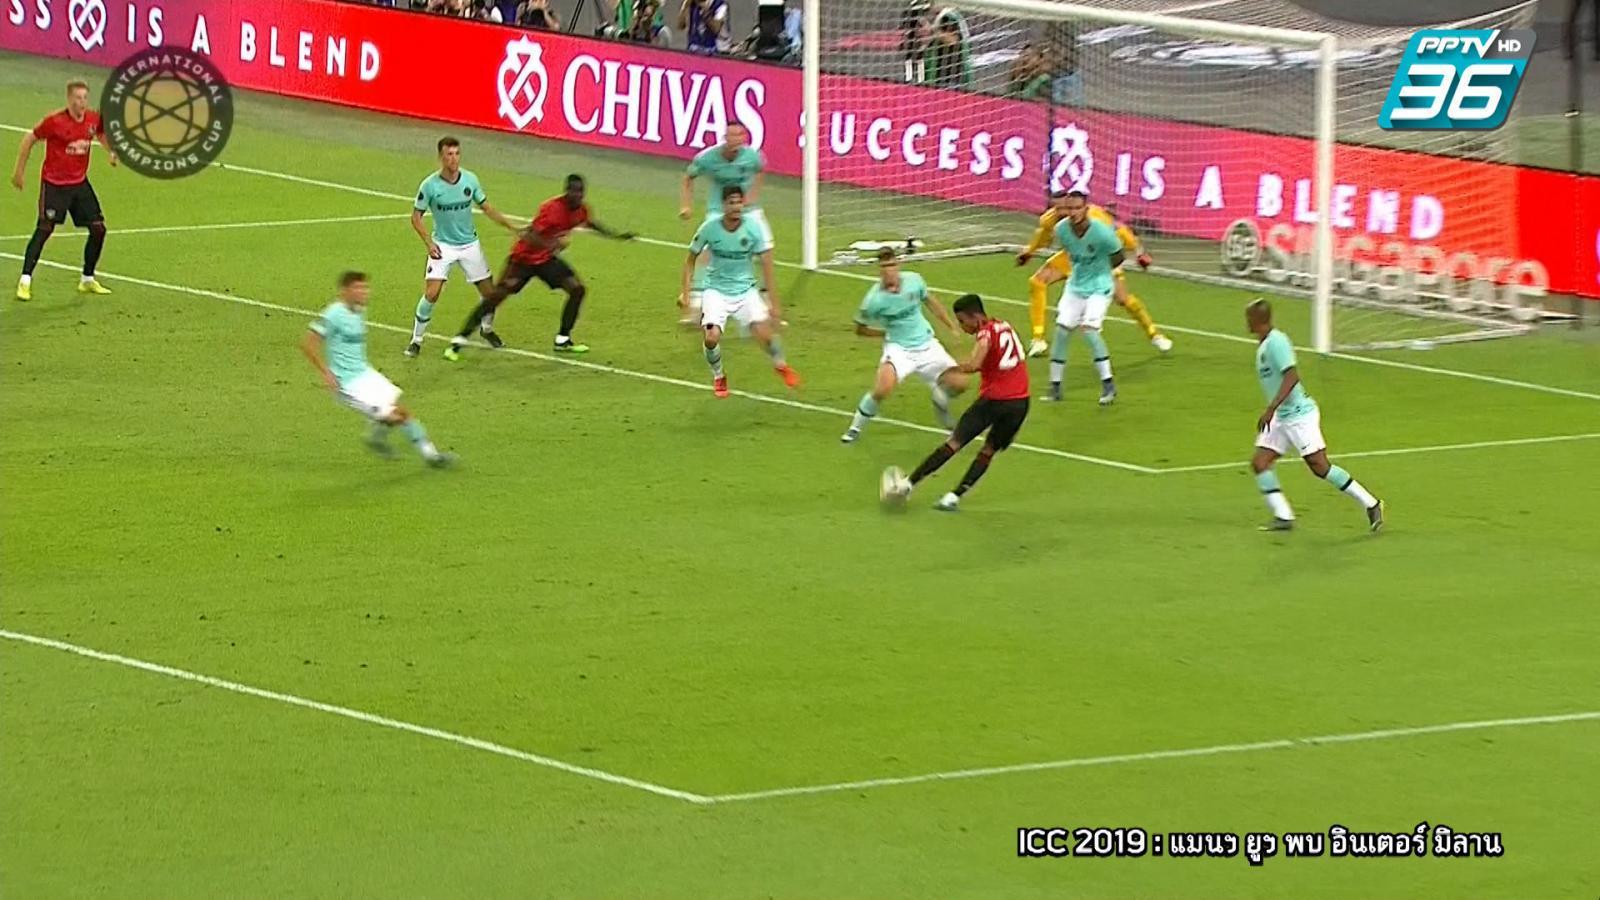 ไฮไลท์ | ICC 2019 | แมนฯ ยูไนเต็ด 1-0 อินเตอร์ มิลาน | 20 ก.ค. 62